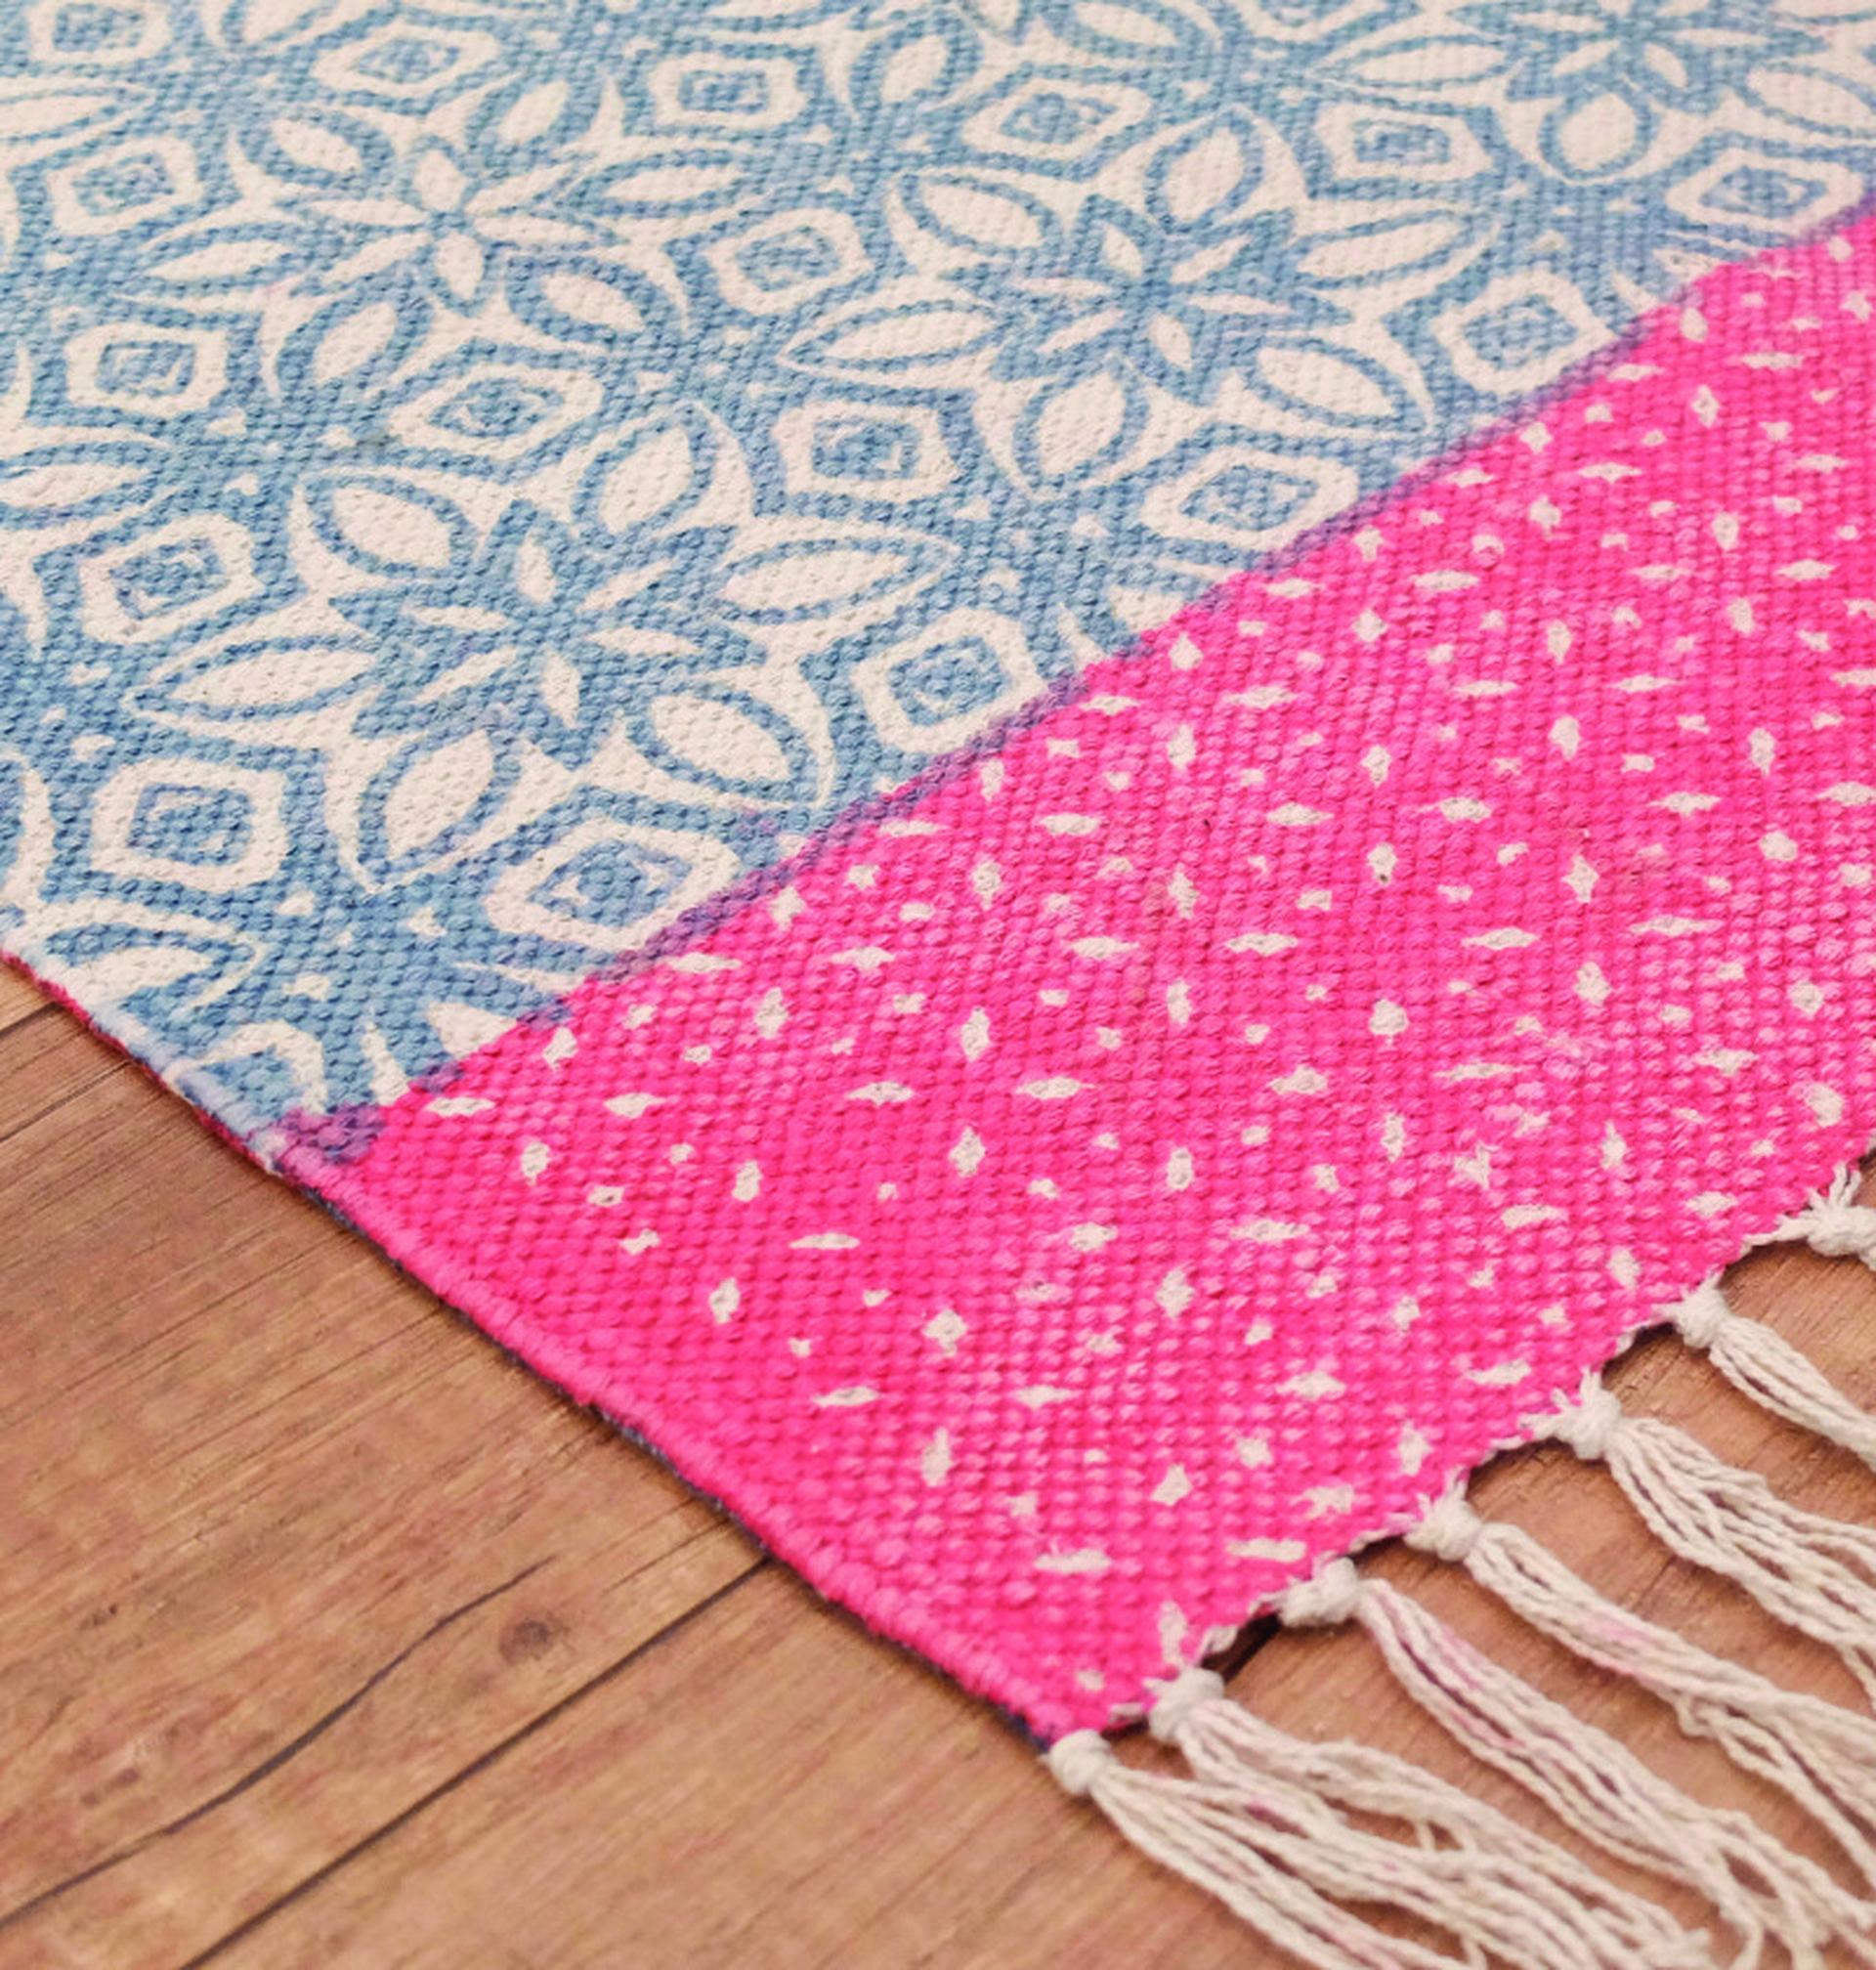 . שטיח 100 אחוז כותנה בהדפסה דו צדדית. giftedshop.co.il